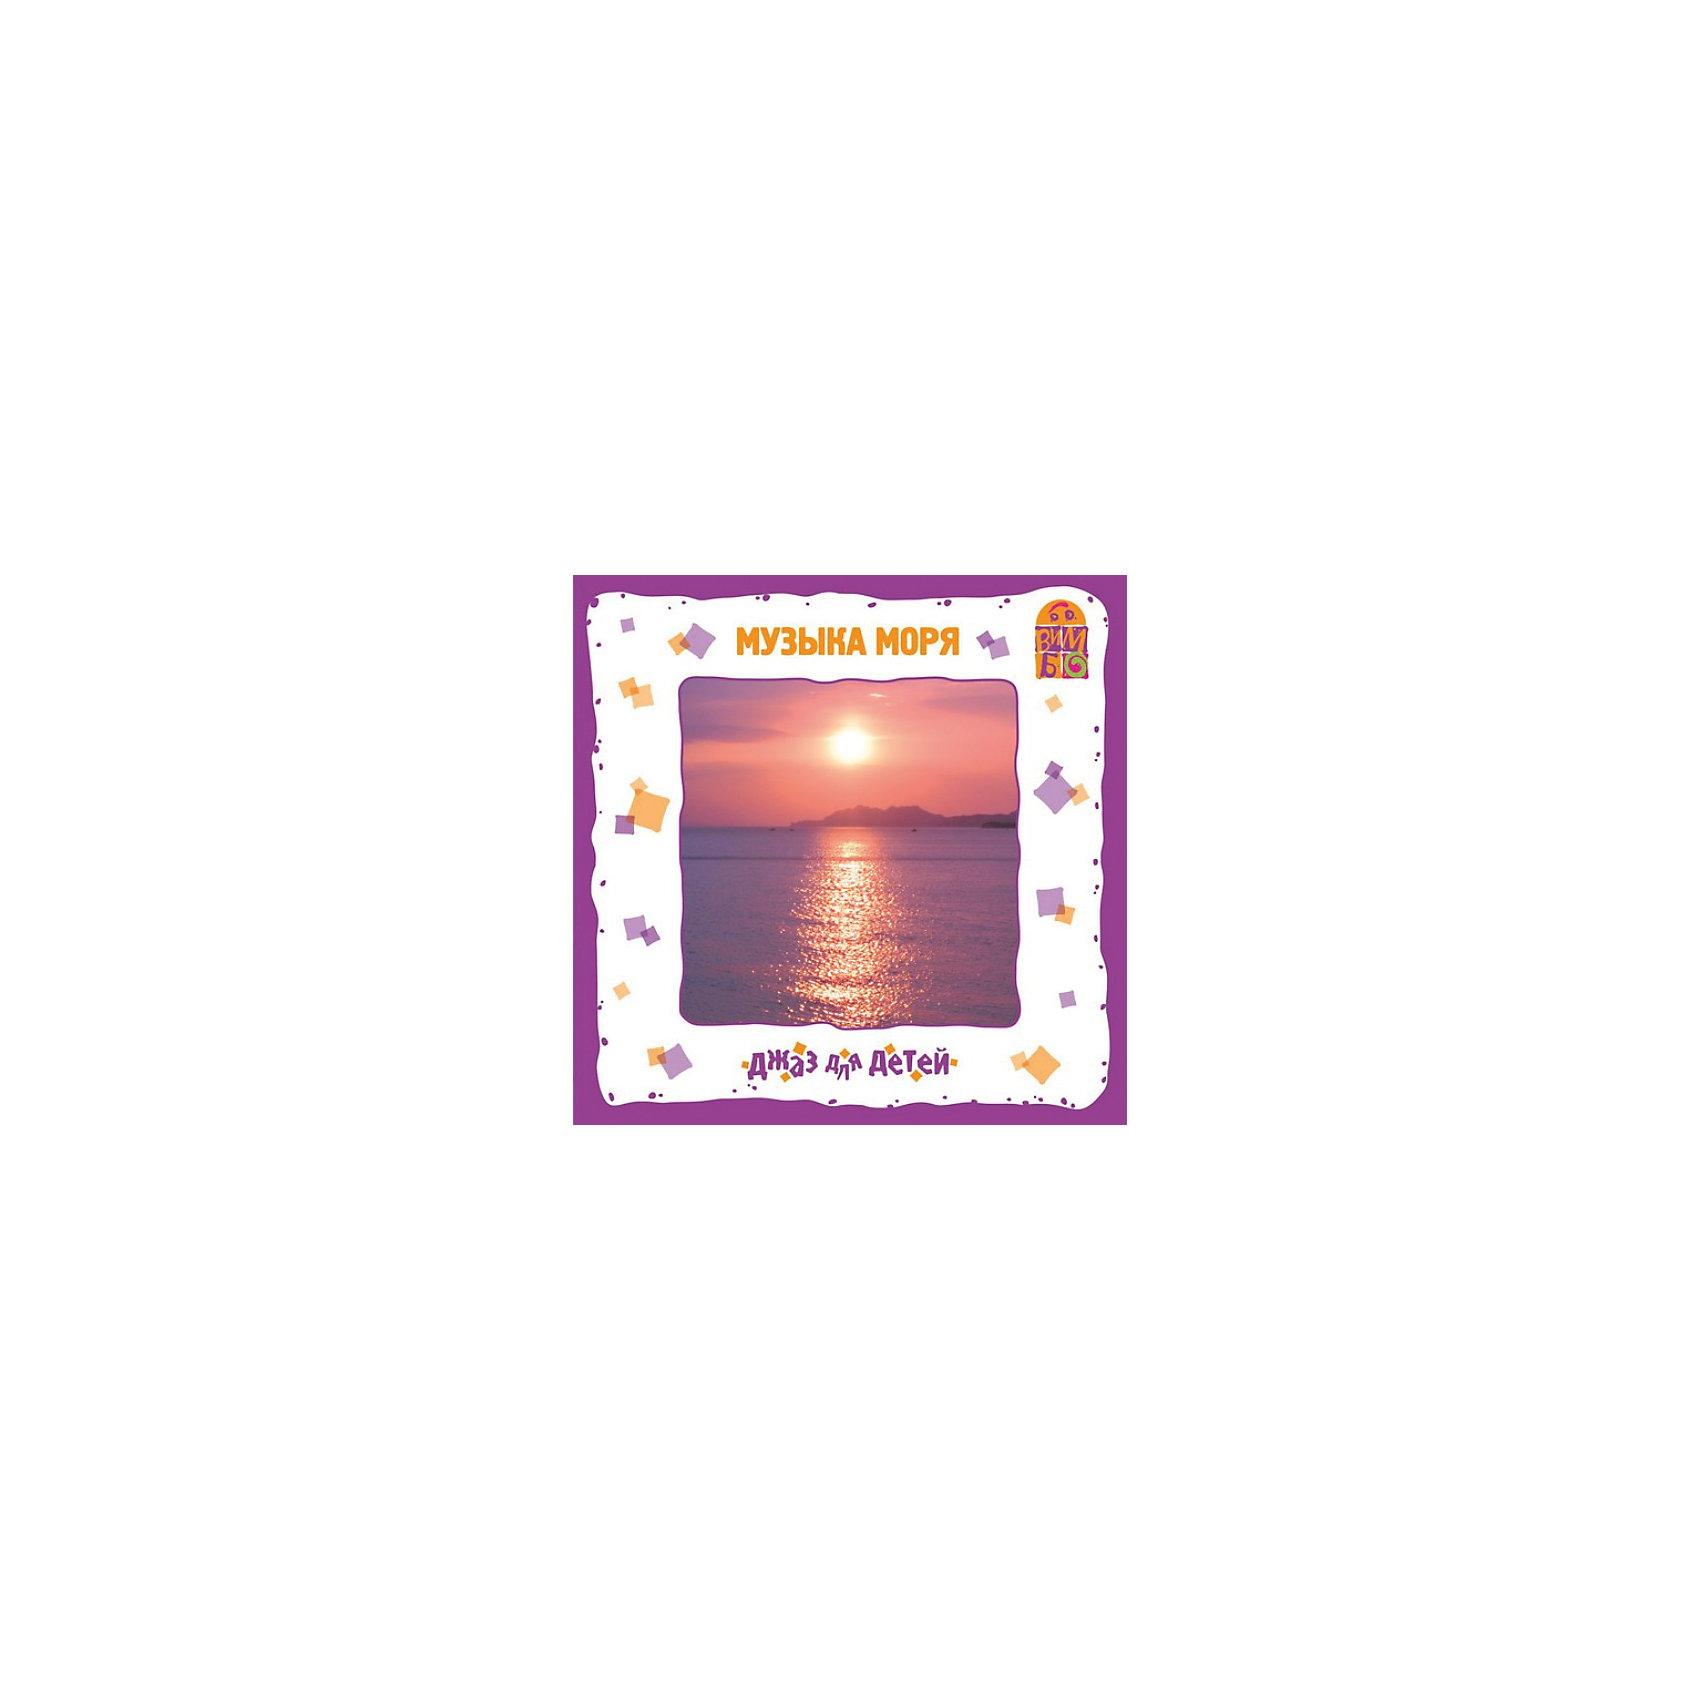 Вимбо Джаз для детей. Музыка моря, CD-дискАудио-диск Музыка моря из серии Джаз для детей.  <br><br>Мы отправляемся с Вами на замечательную морскую прогулку. Шум волн, крики чаек и ветер в парусах. Перед нами необъятная синяя даль горизонта, безоблачное небо, ослепительное солнце… Стихия моря и виртуозные джазовые композиции подарят незабываемое путешествие, полное чудес.<br><br>Дополнительная информация:<br><br>Время звучания - 62:21.<br><br>Ширина мм: 140<br>Глубина мм: 10<br>Высота мм: 125<br>Вес г: 75<br>Возраст от месяцев: 0<br>Возраст до месяцев: 144<br>Пол: Унисекс<br>Возраст: Детский<br>SKU: 2276087